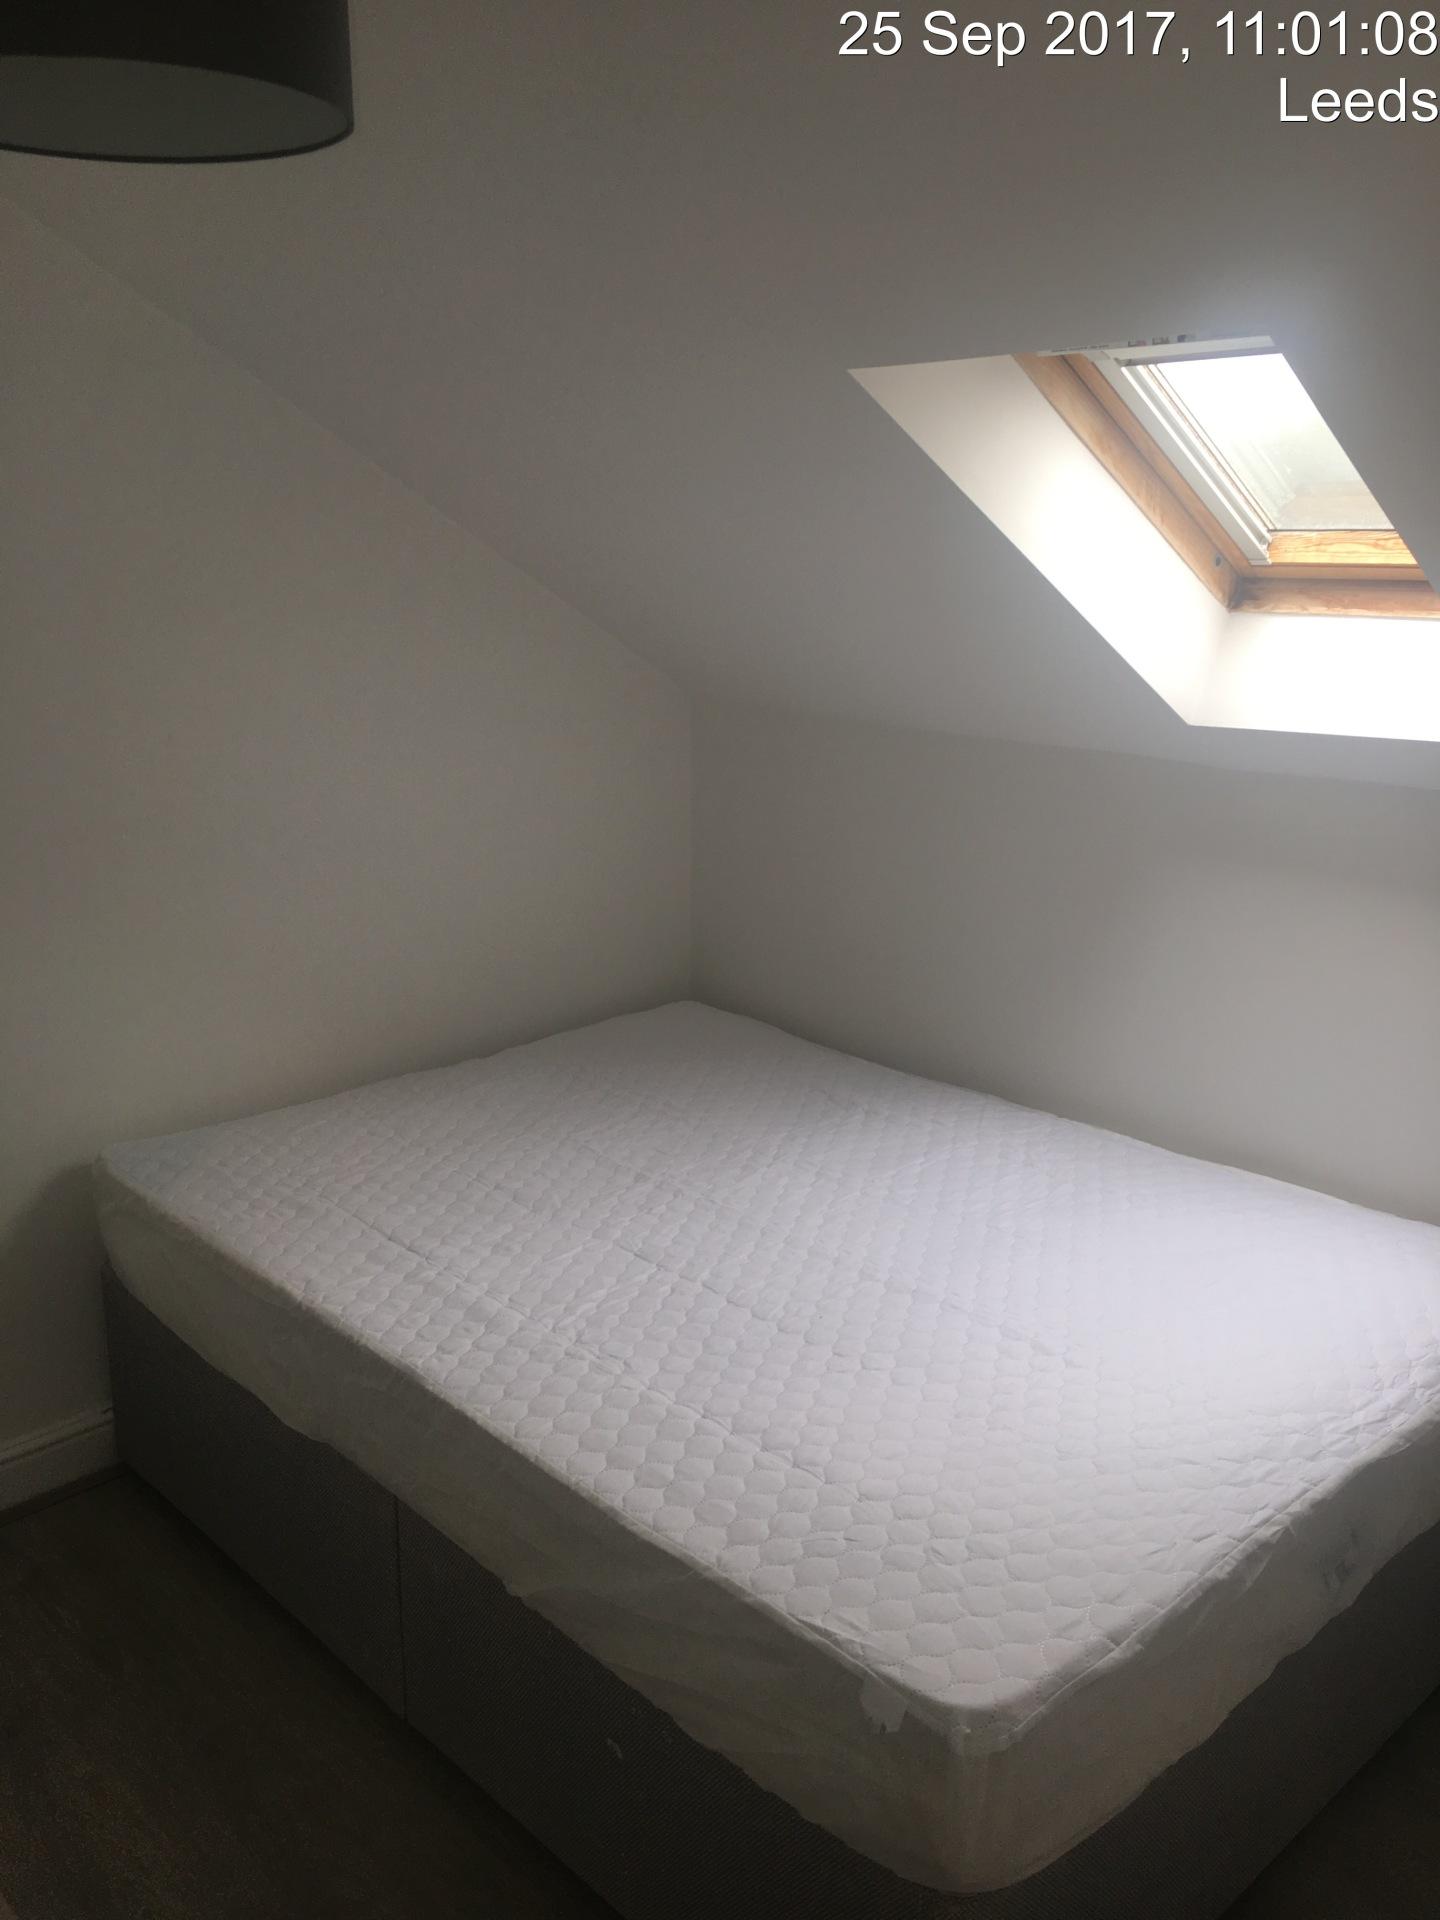 Room In roof Insulation -Leeds